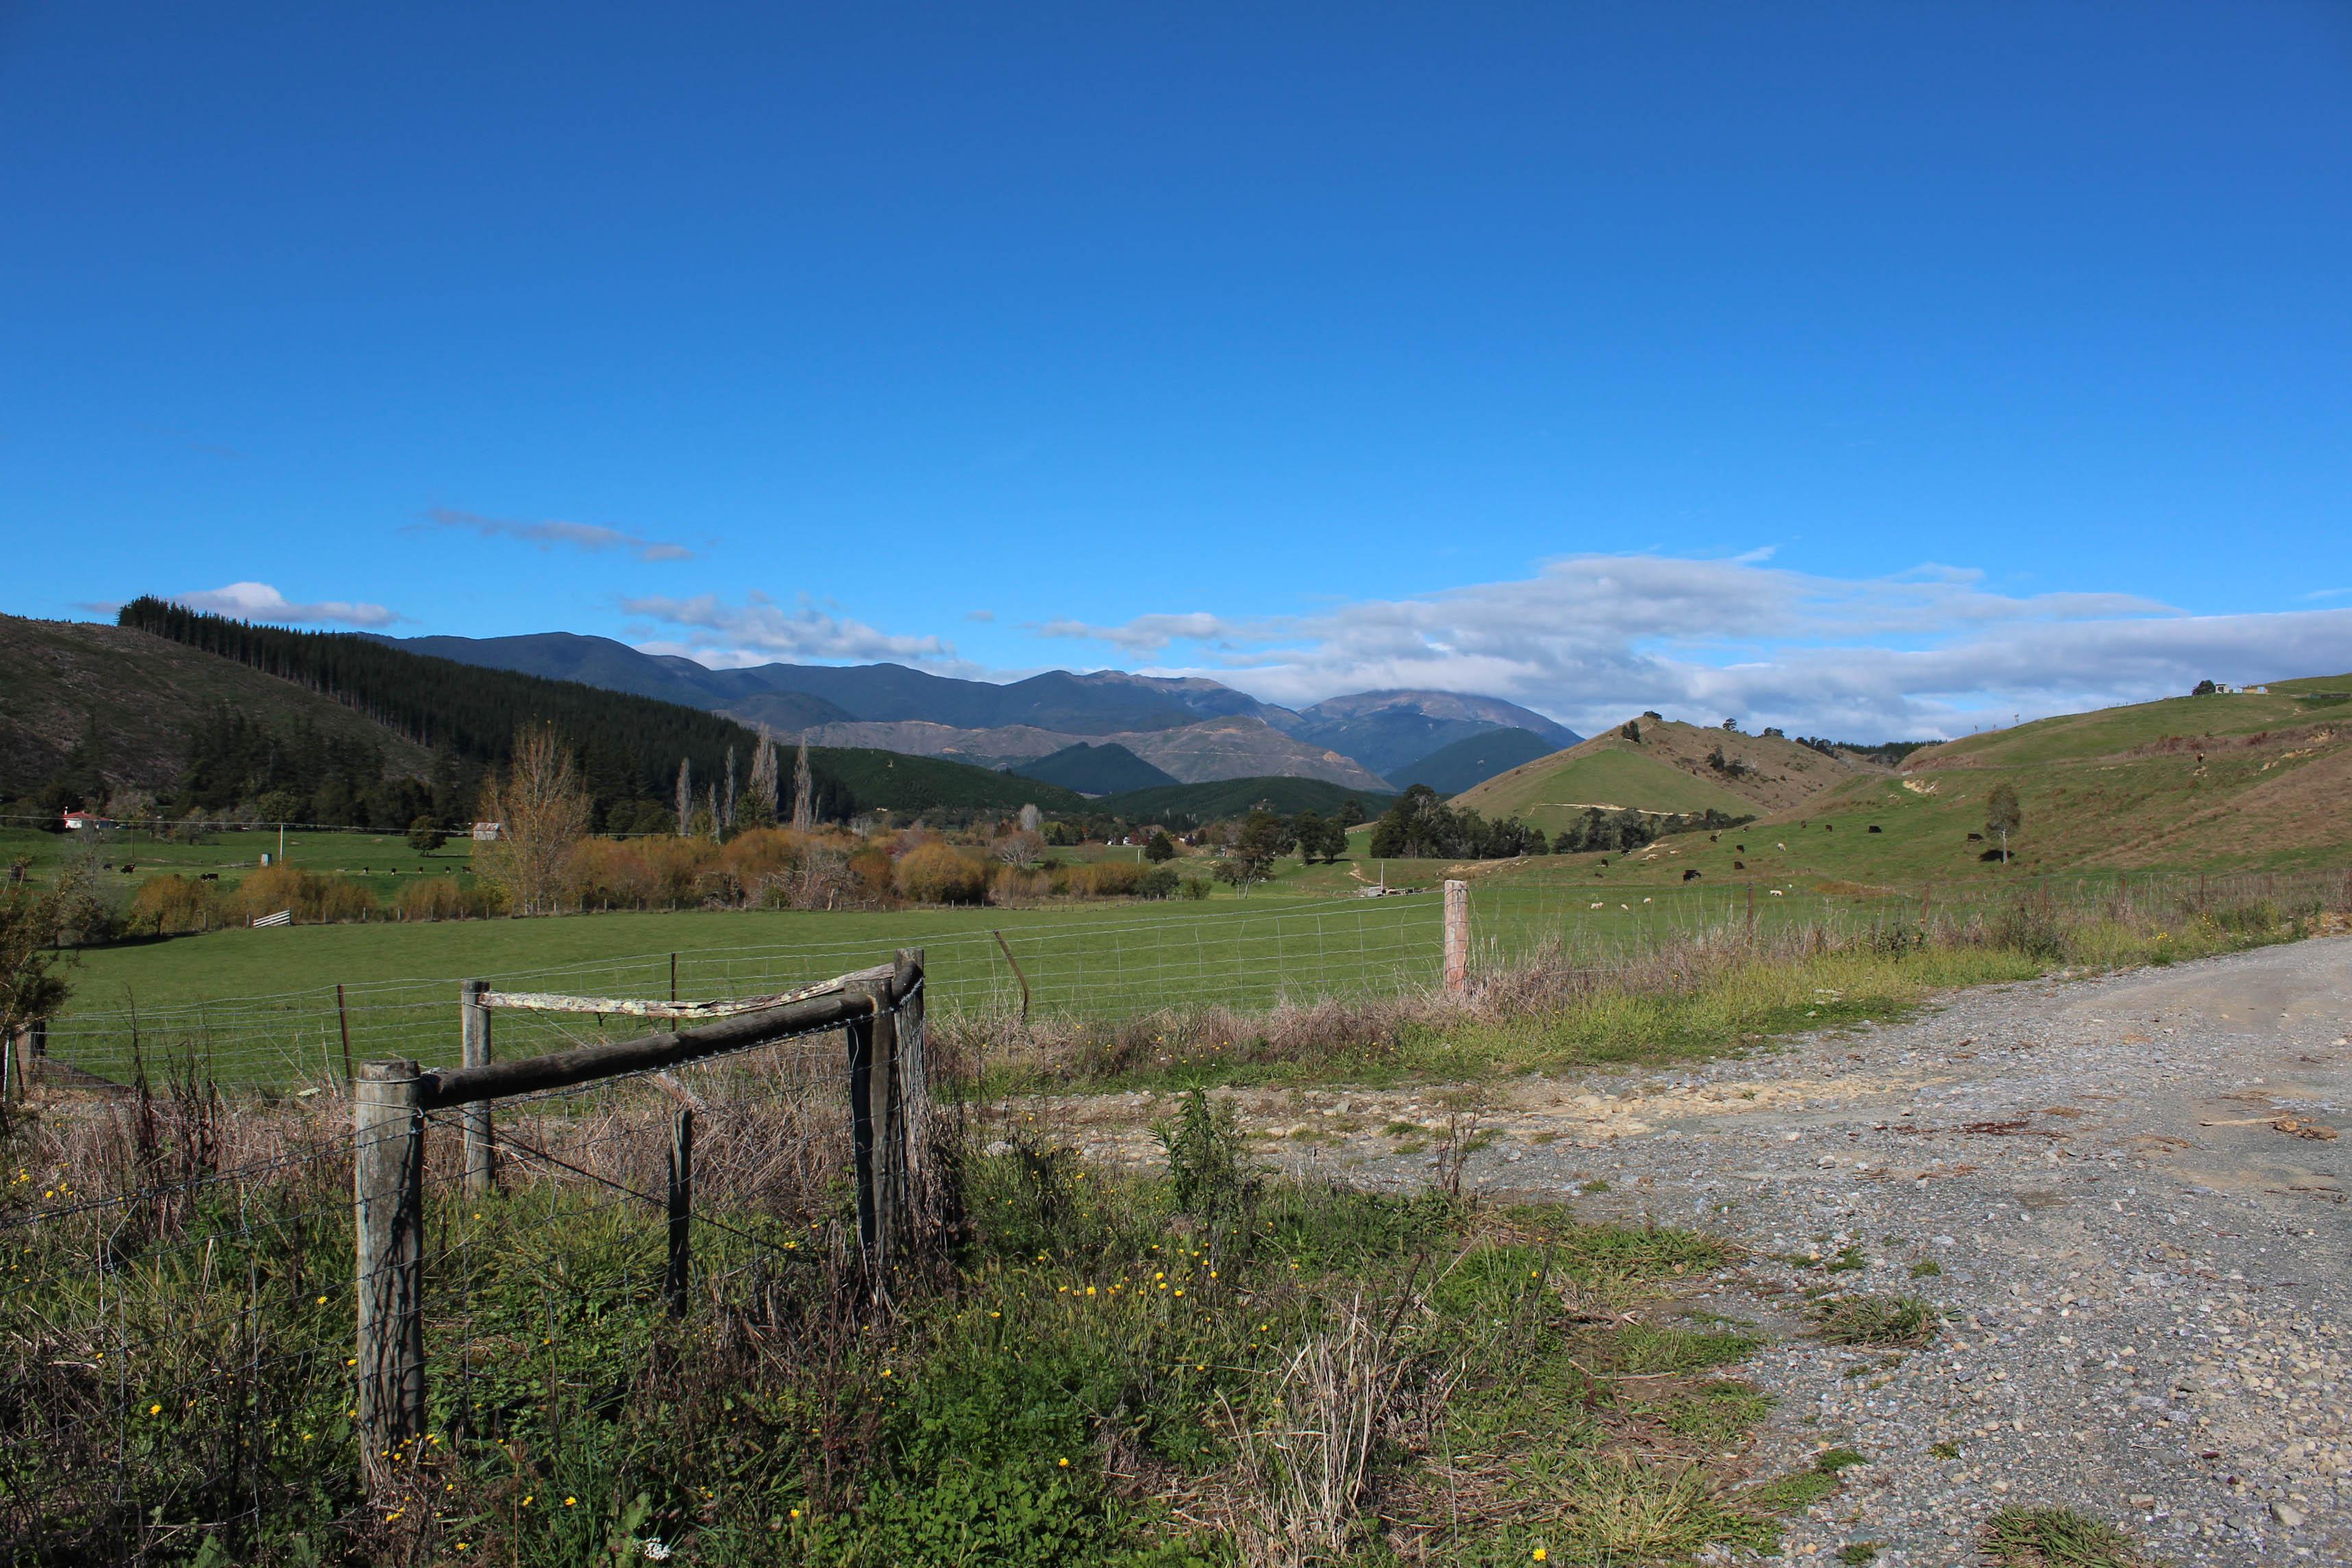 Nouvelle Zélande - Nelson & buller gorge swingbridge - les lubies de Louise (10 sur 42)